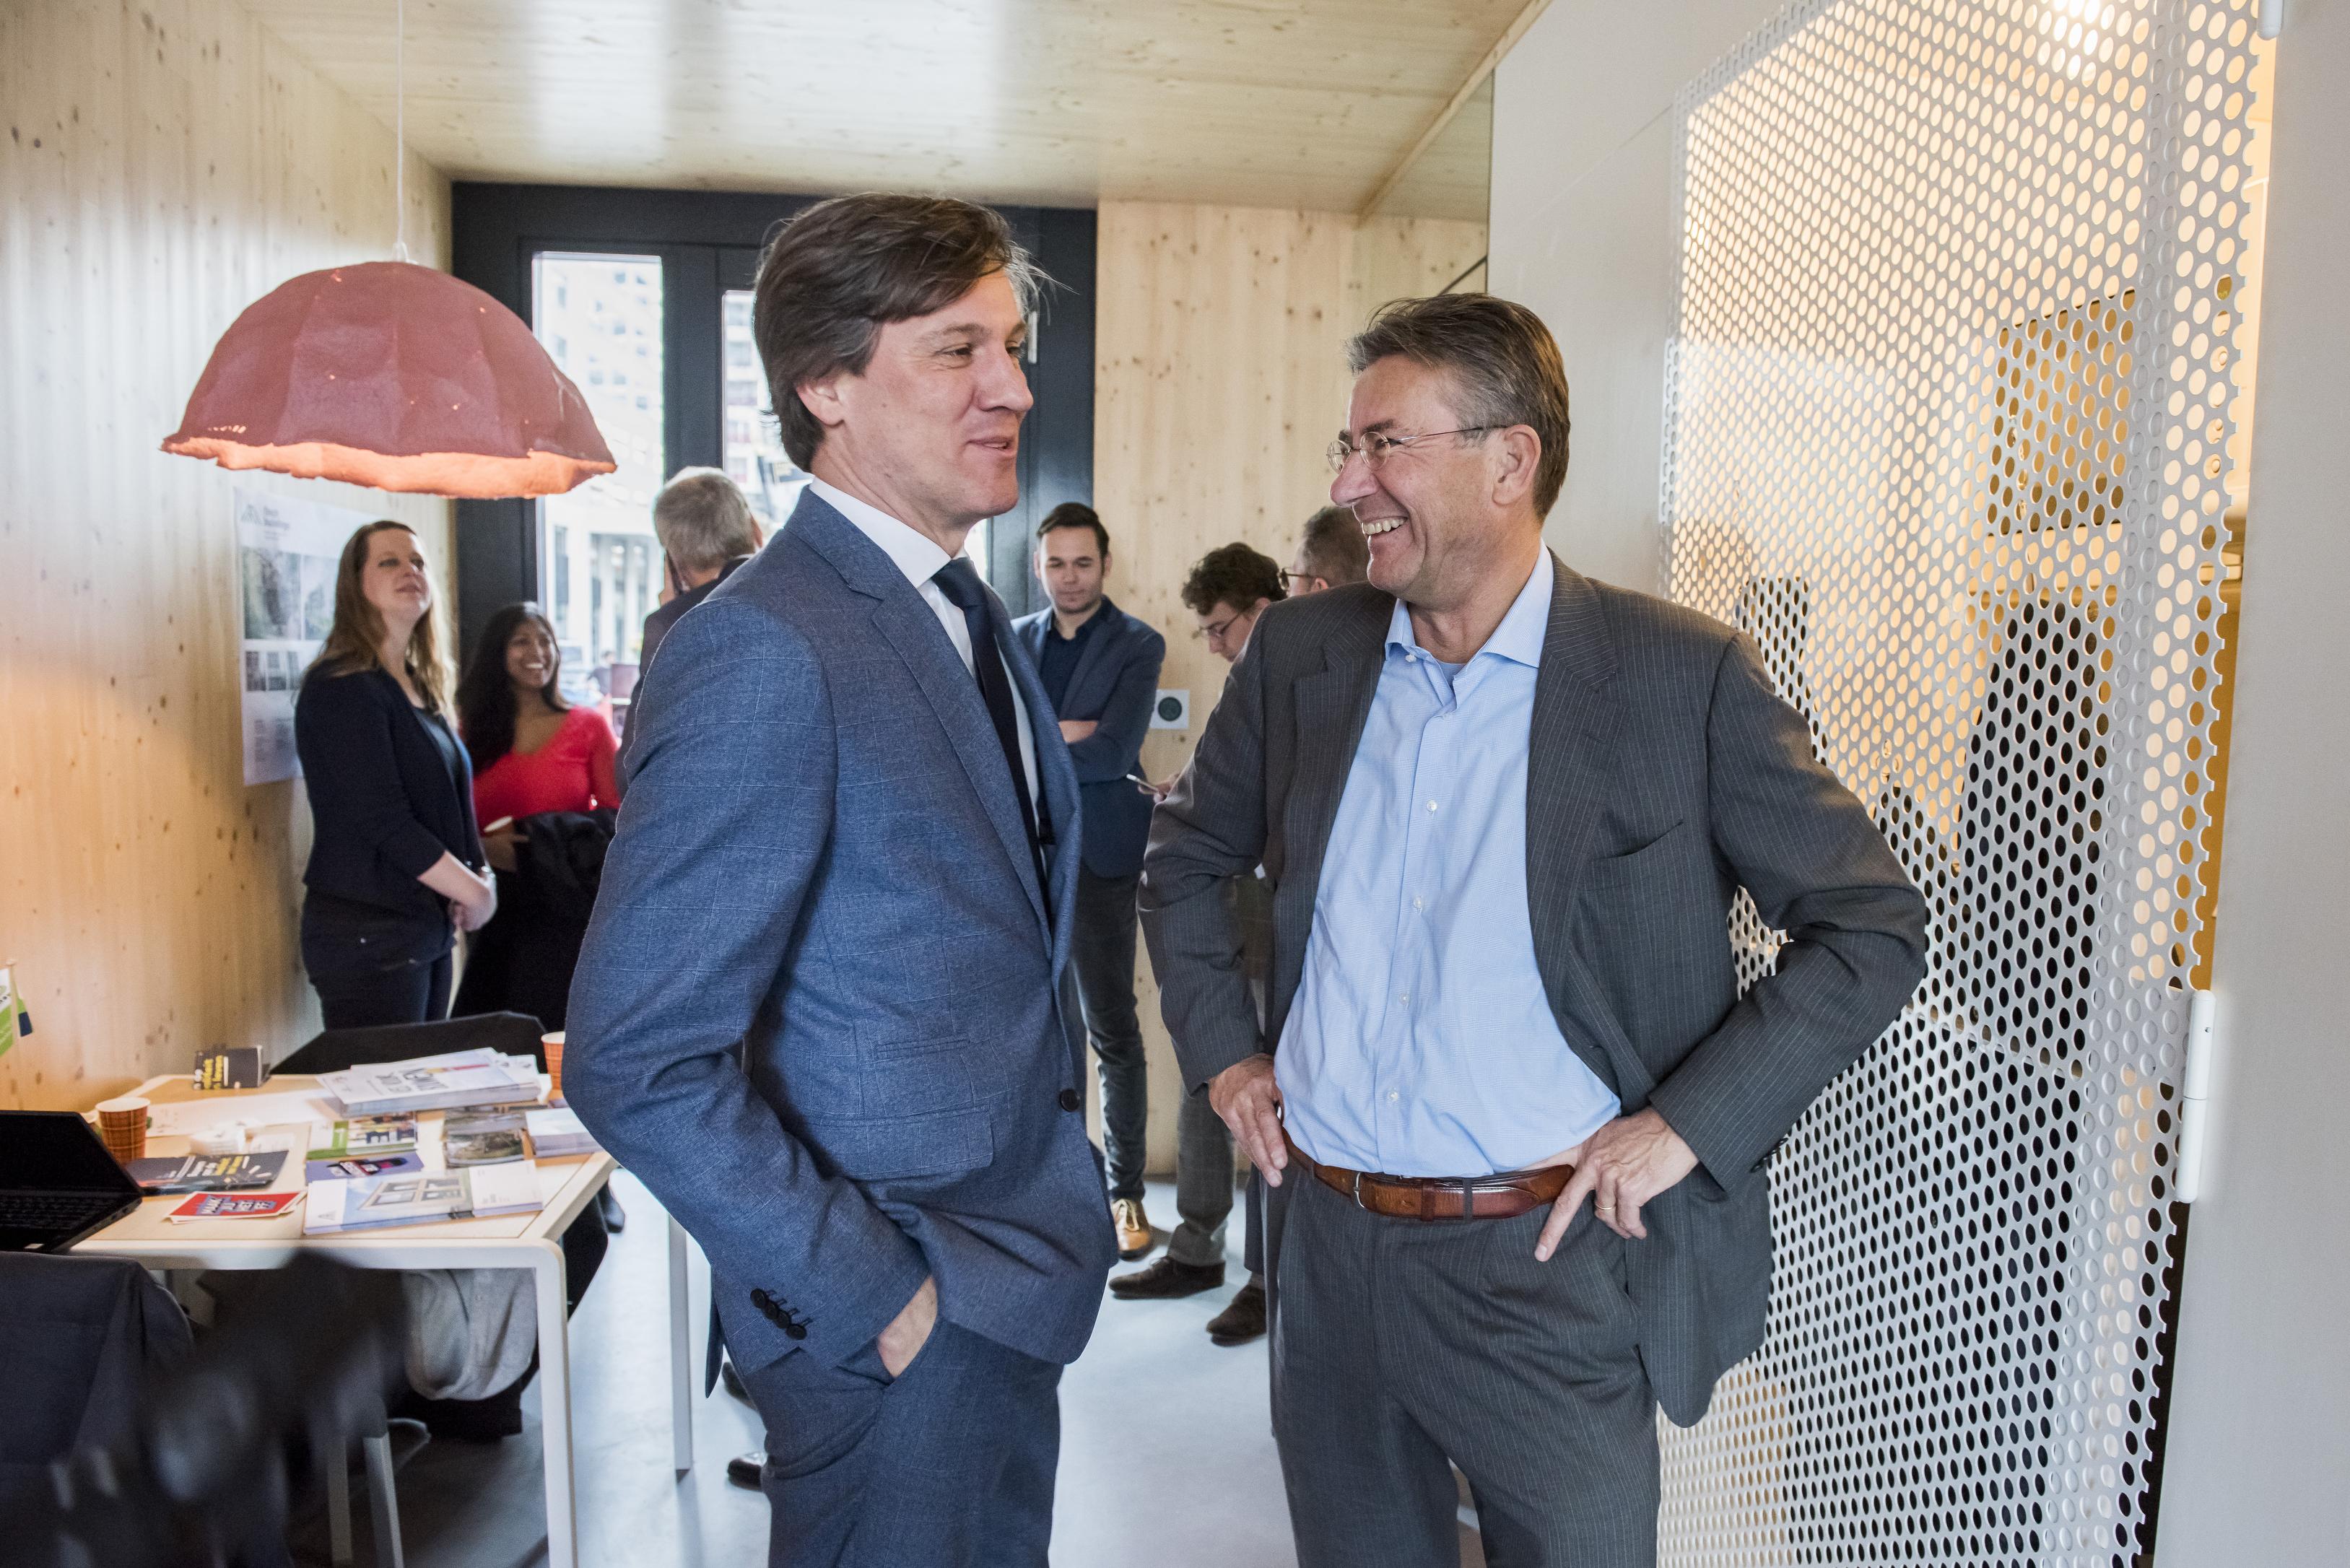 Maxime Verhagen in debat met Amsterdamse Wethouder Pieter Litjens over de woningmarkt in a tiny house op het Gustav Mahlerplein. Foto: Ruud Jonkers